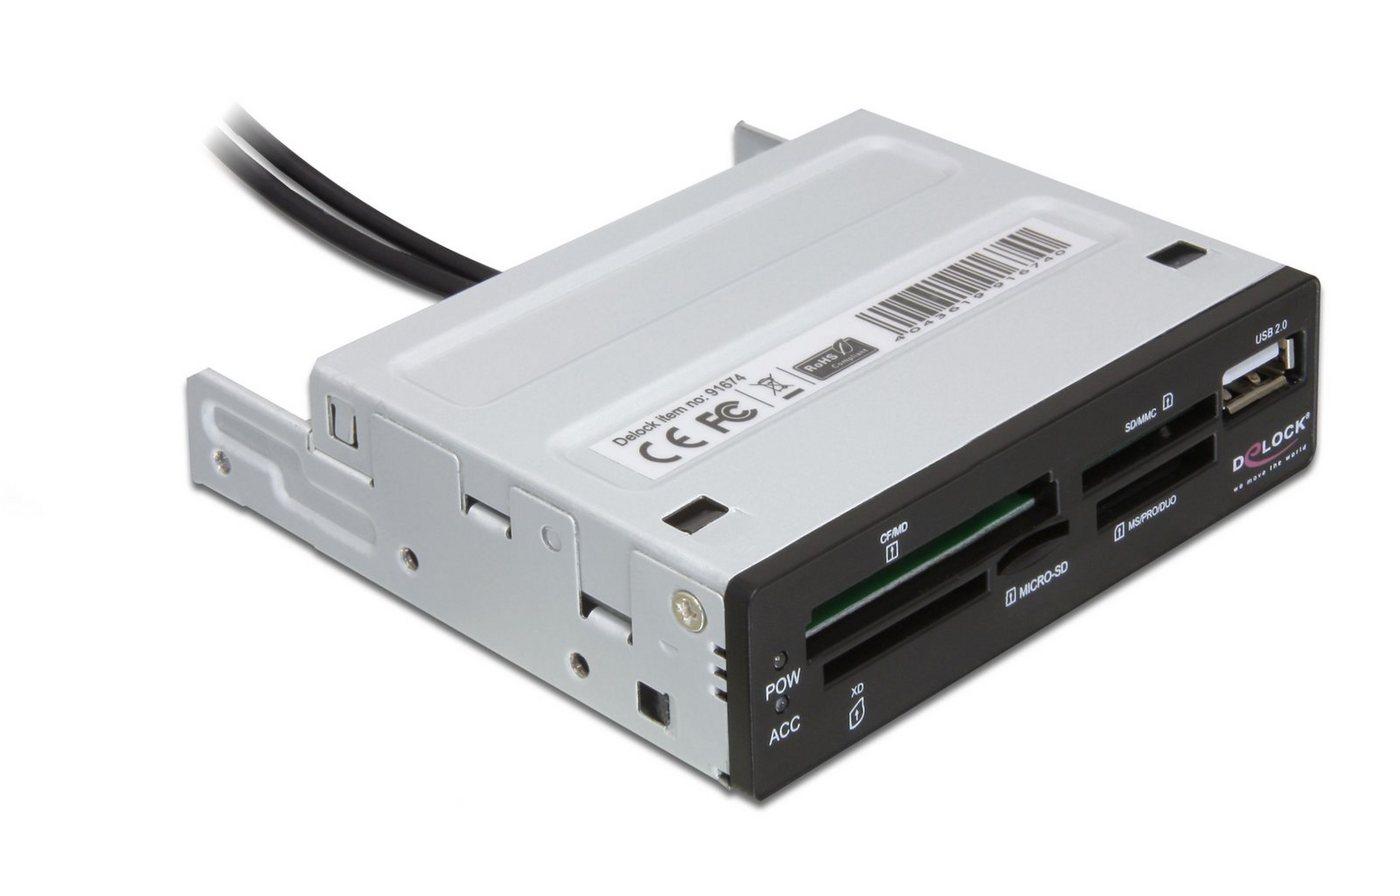 DELOCK 3.5″ USB 2.0 Card Reader 5 Slot »1 x USB 2.0 Por«